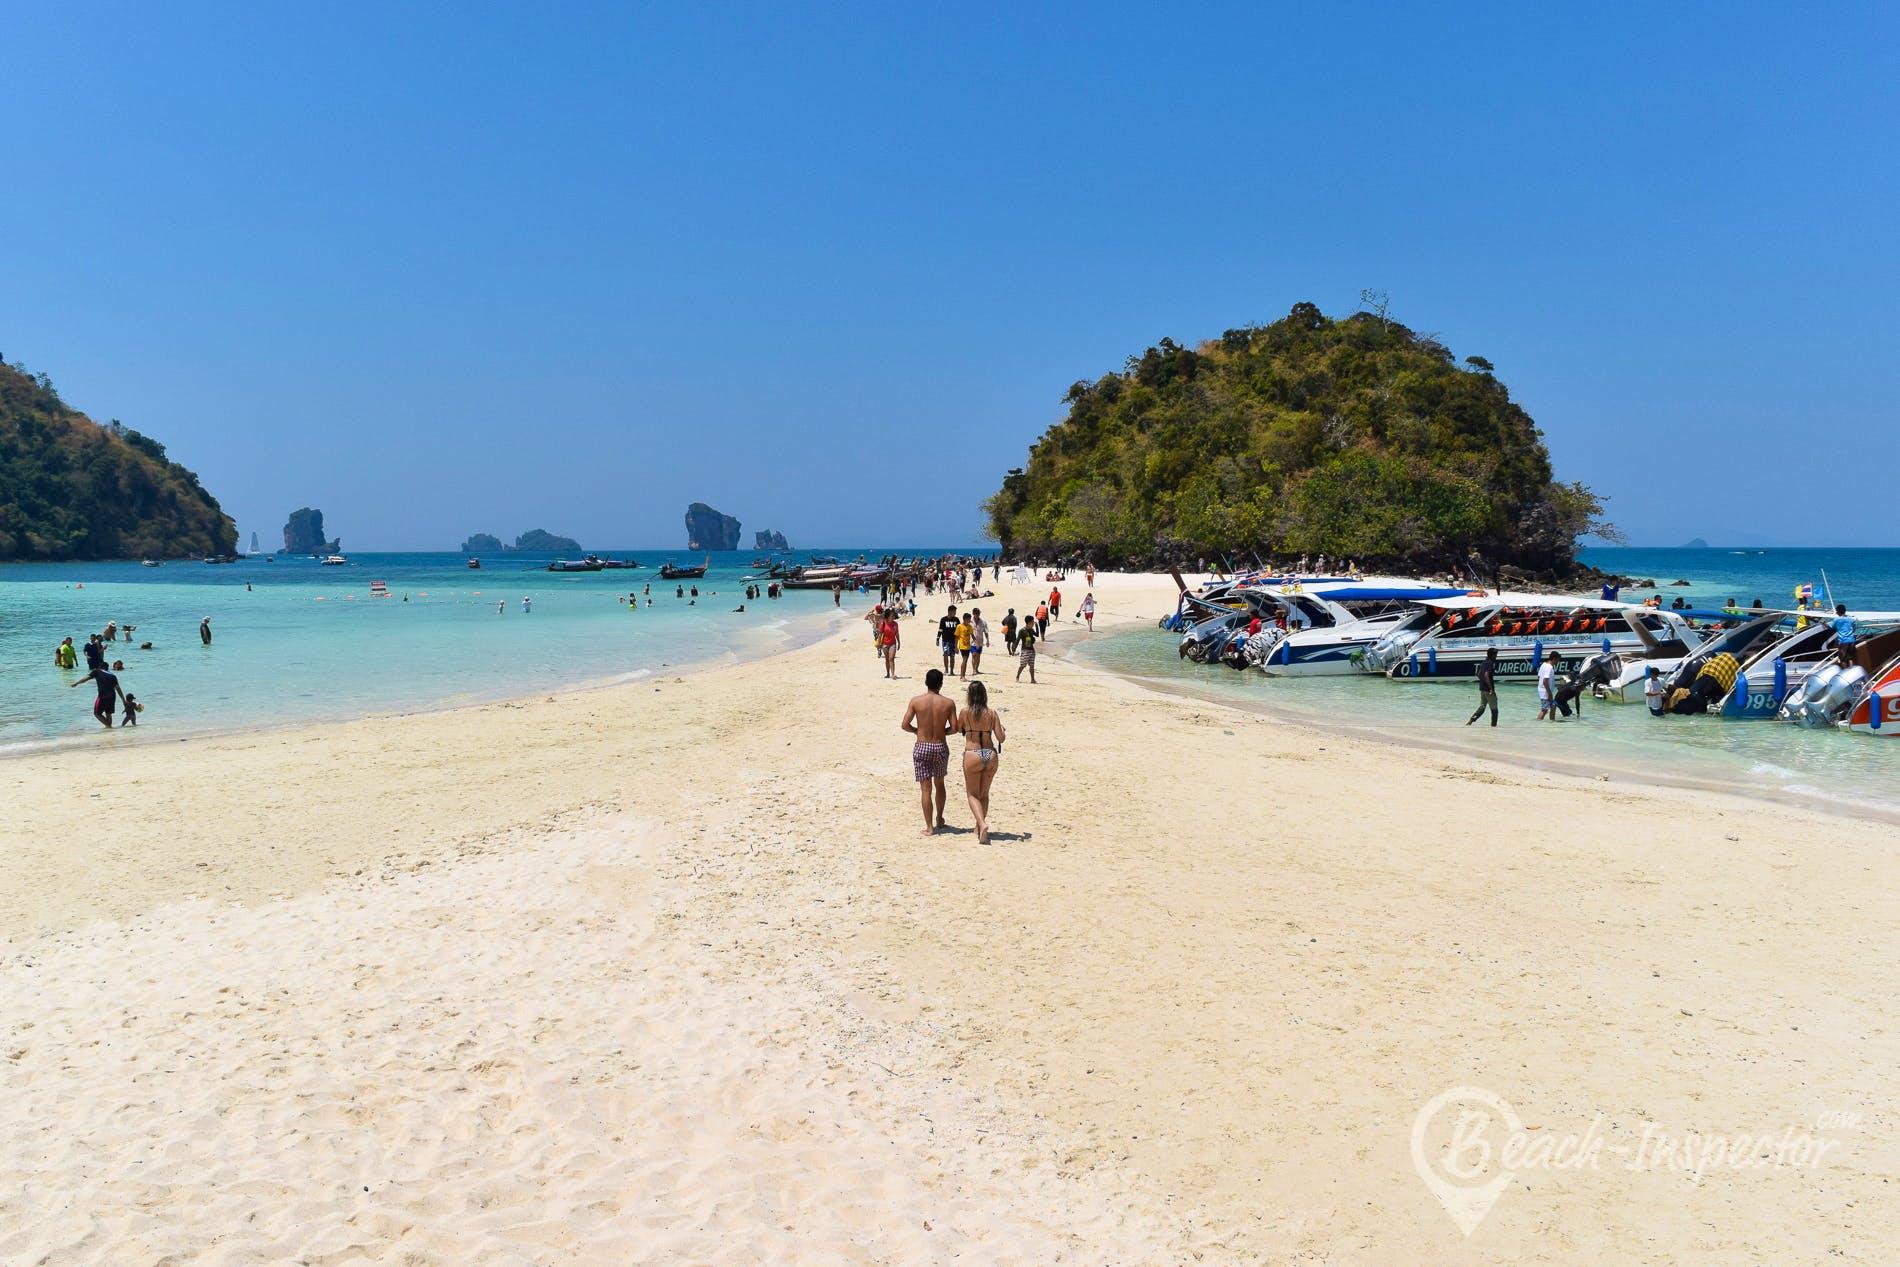 Beach Koh Tub Beach, Thailand, Thailand